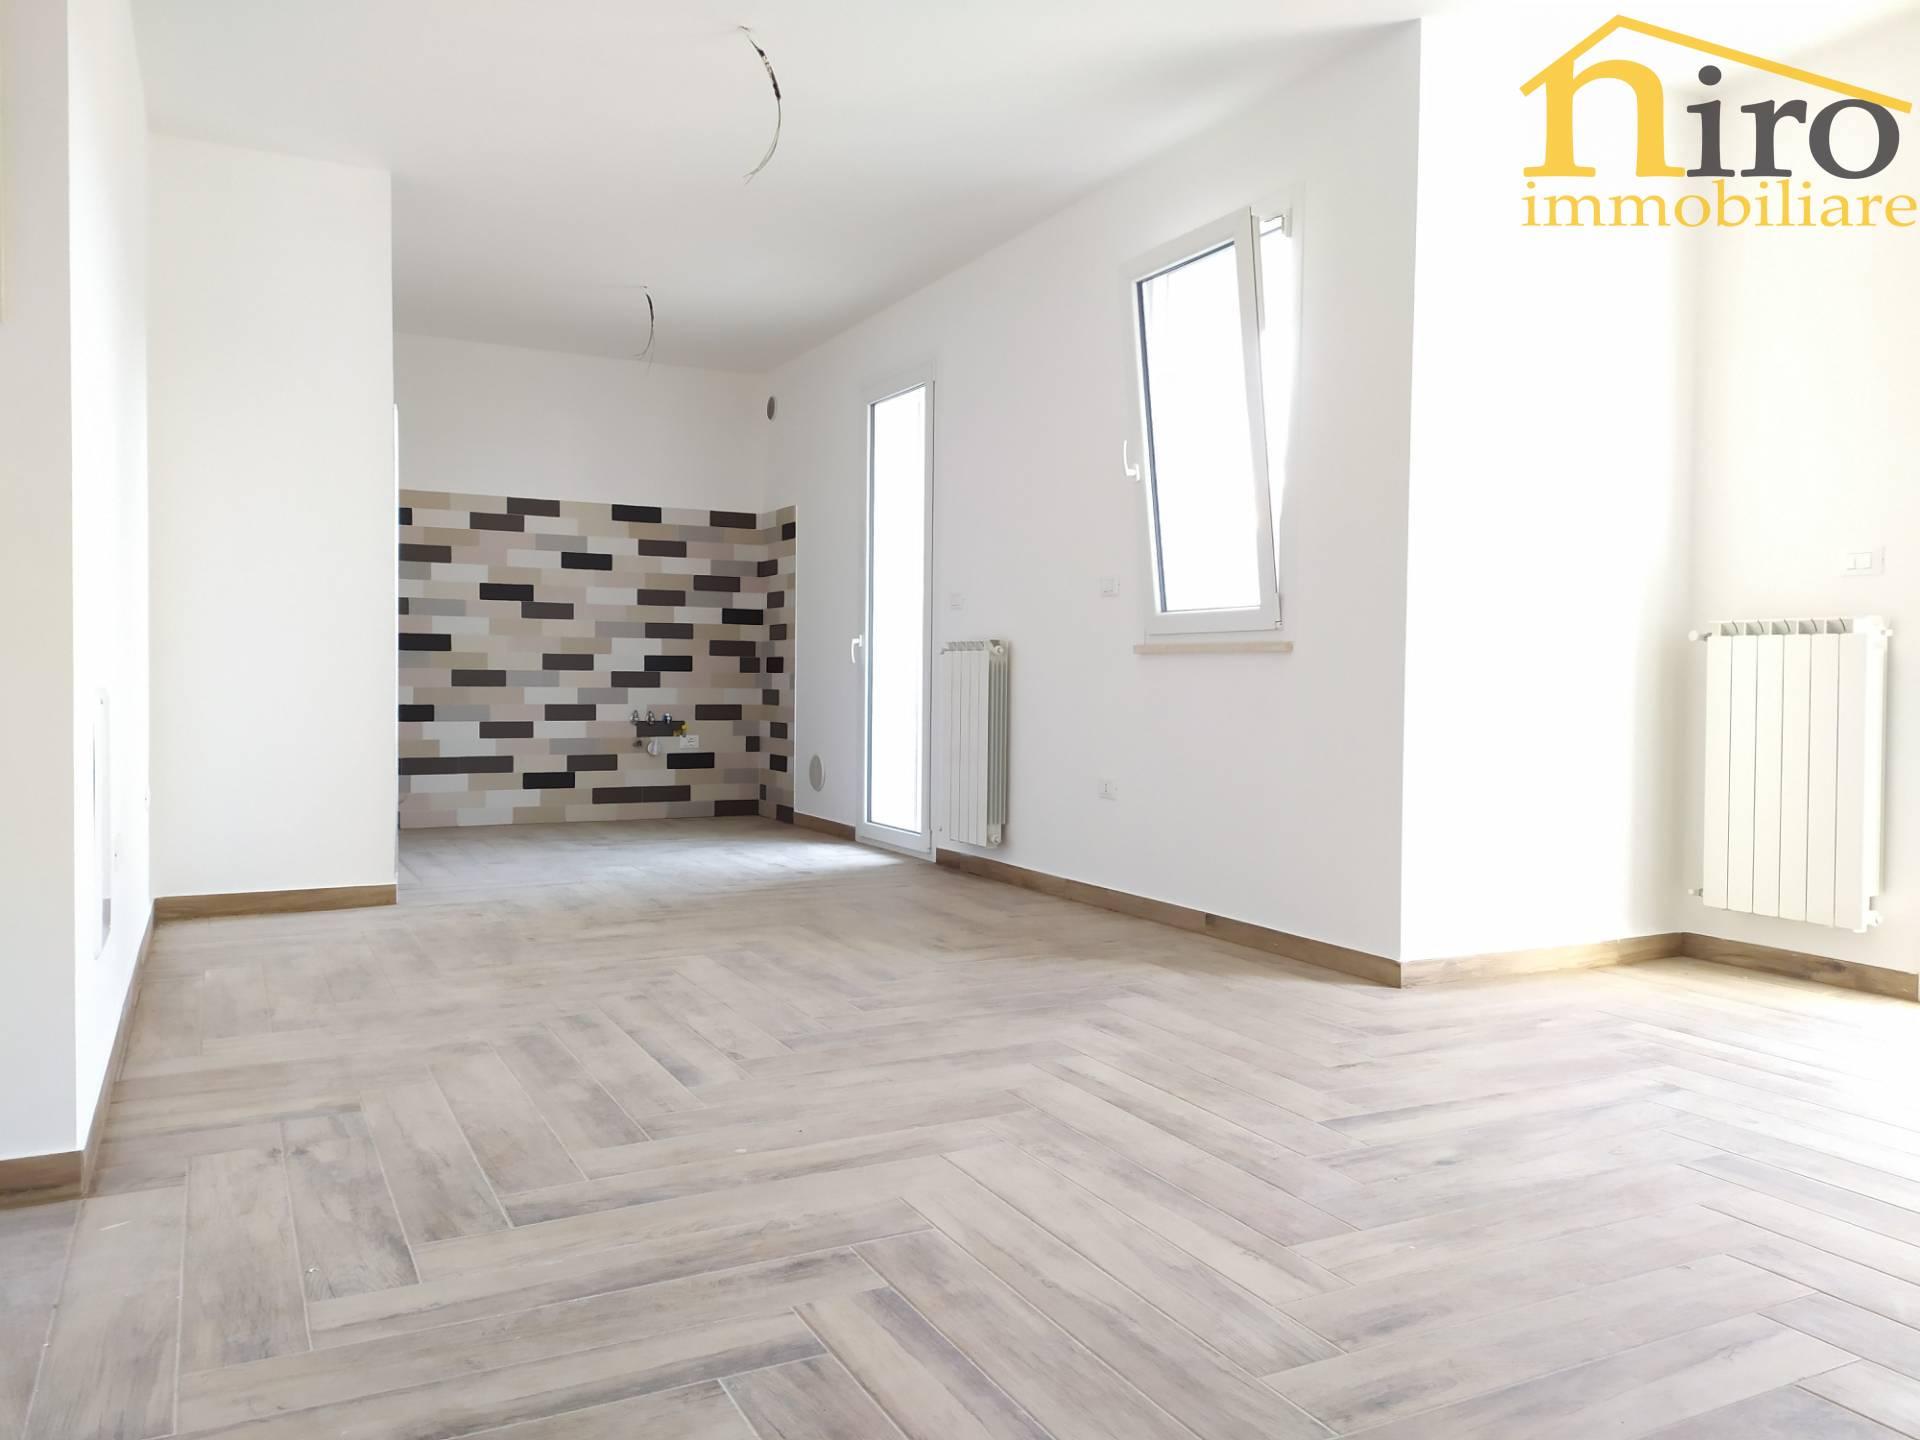 Attico / Mansarda in vendita a Francavilla al Mare, 4 locali, prezzo € 220.000 | PortaleAgenzieImmobiliari.it